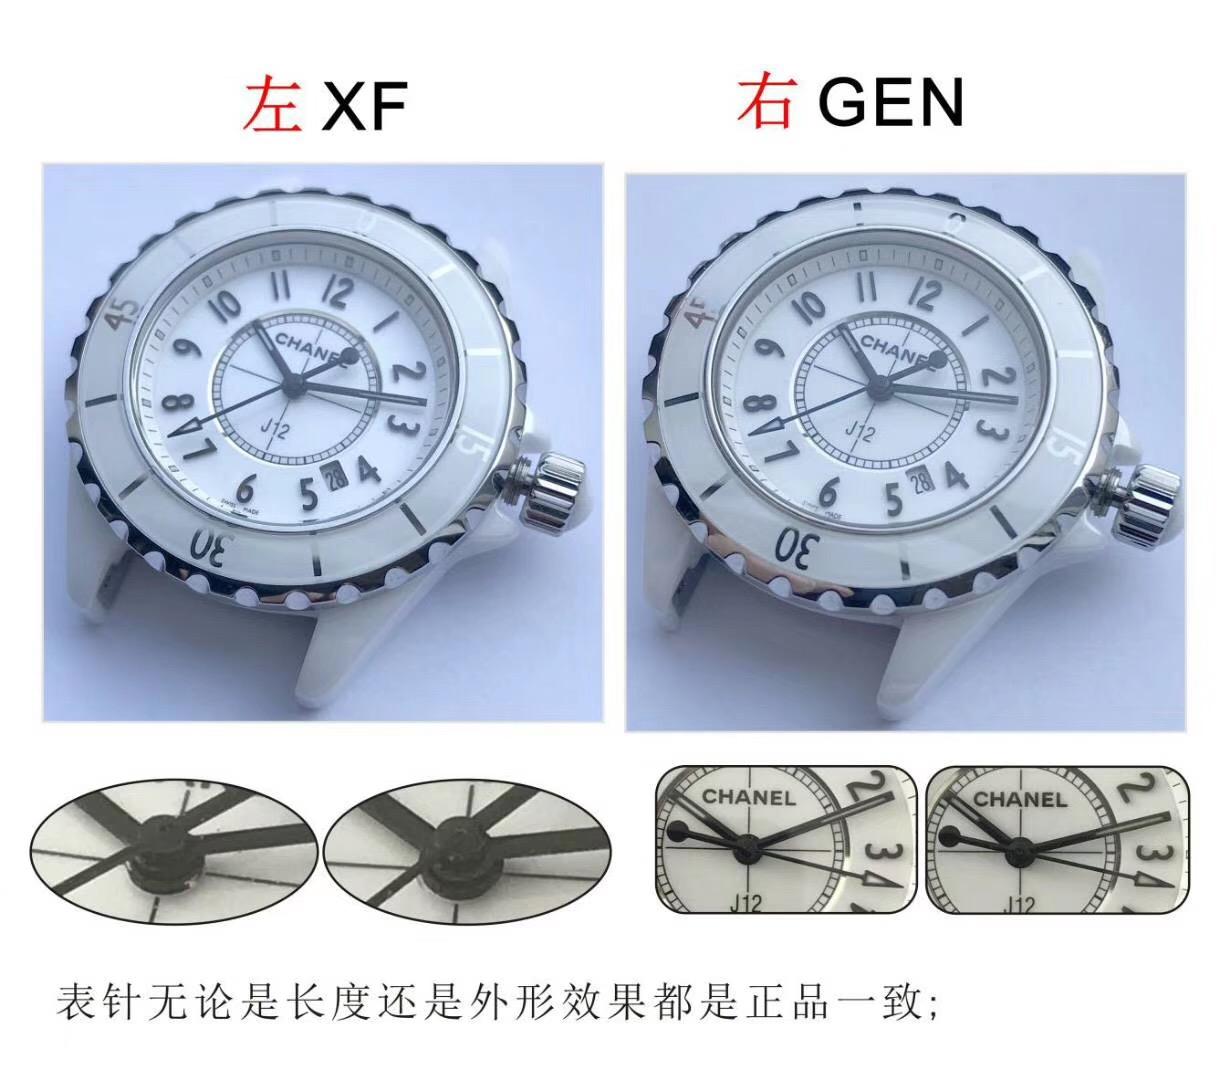 香奈儿J12系列时尚女表陶瓷顶级复刻手表真假对比